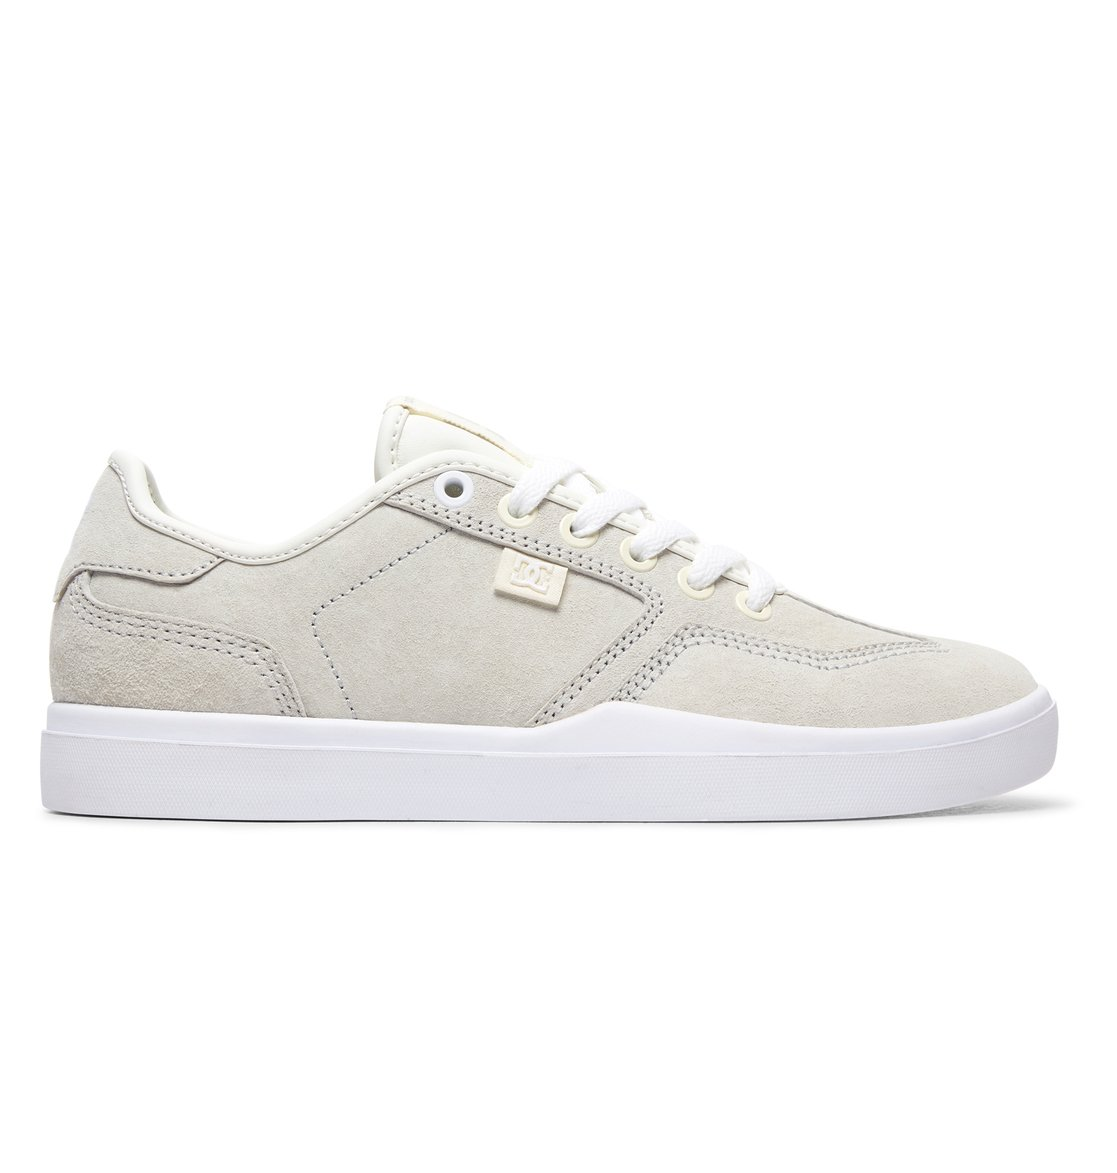 Mujer DC Zapatillas para de Vestrey 0 cuero LE Shoes Blanco ADJS300224 HB6WU